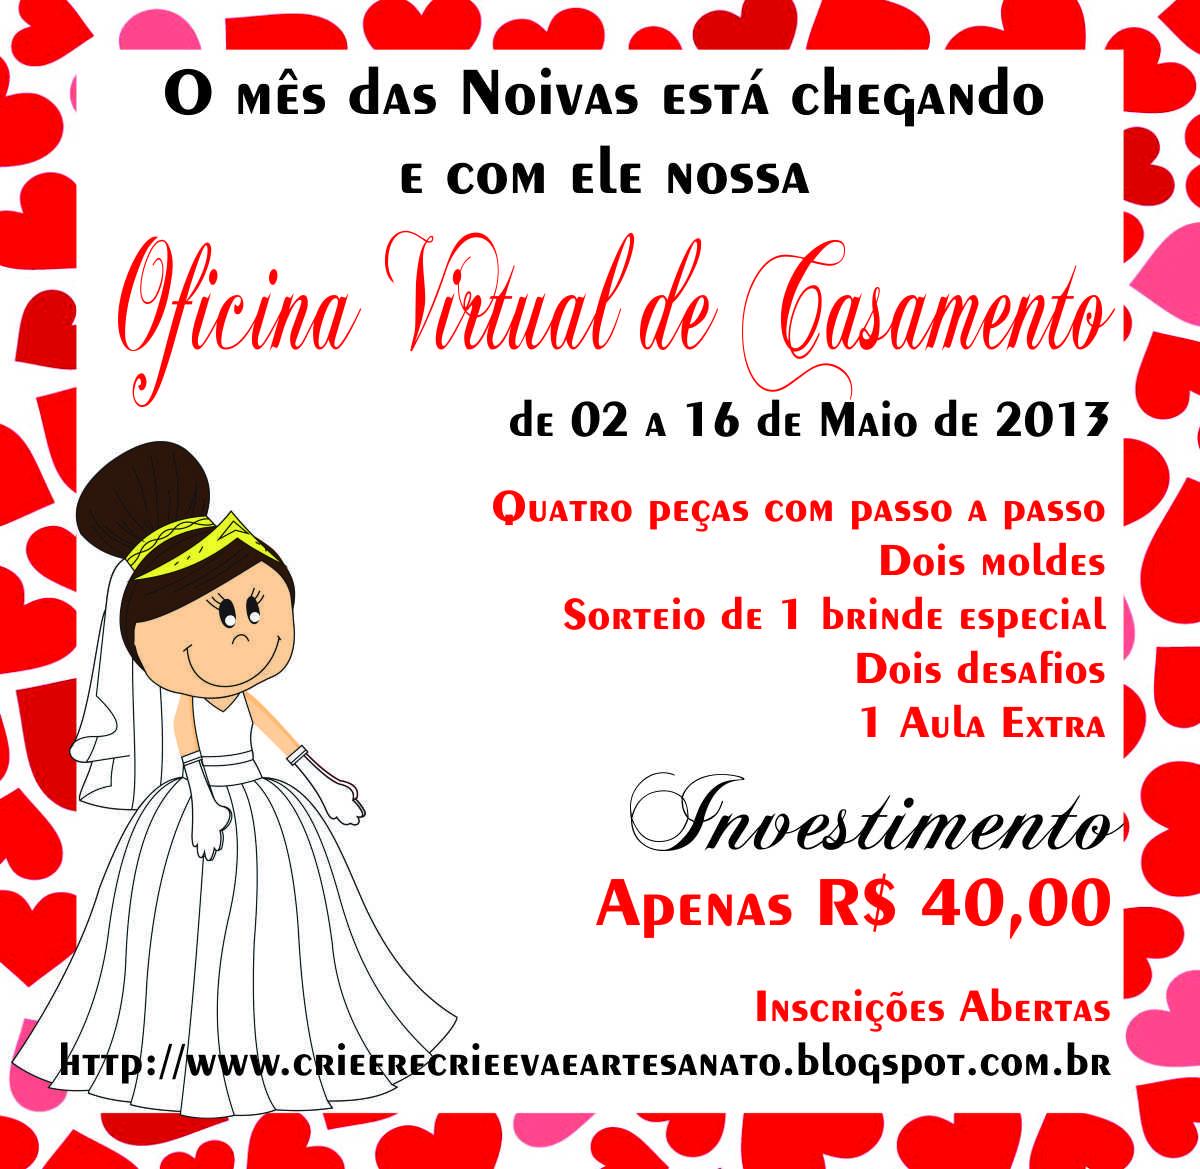 Crie e recrie eva e artesanato oficina virtual de casamento for Oficina virtual de sepe